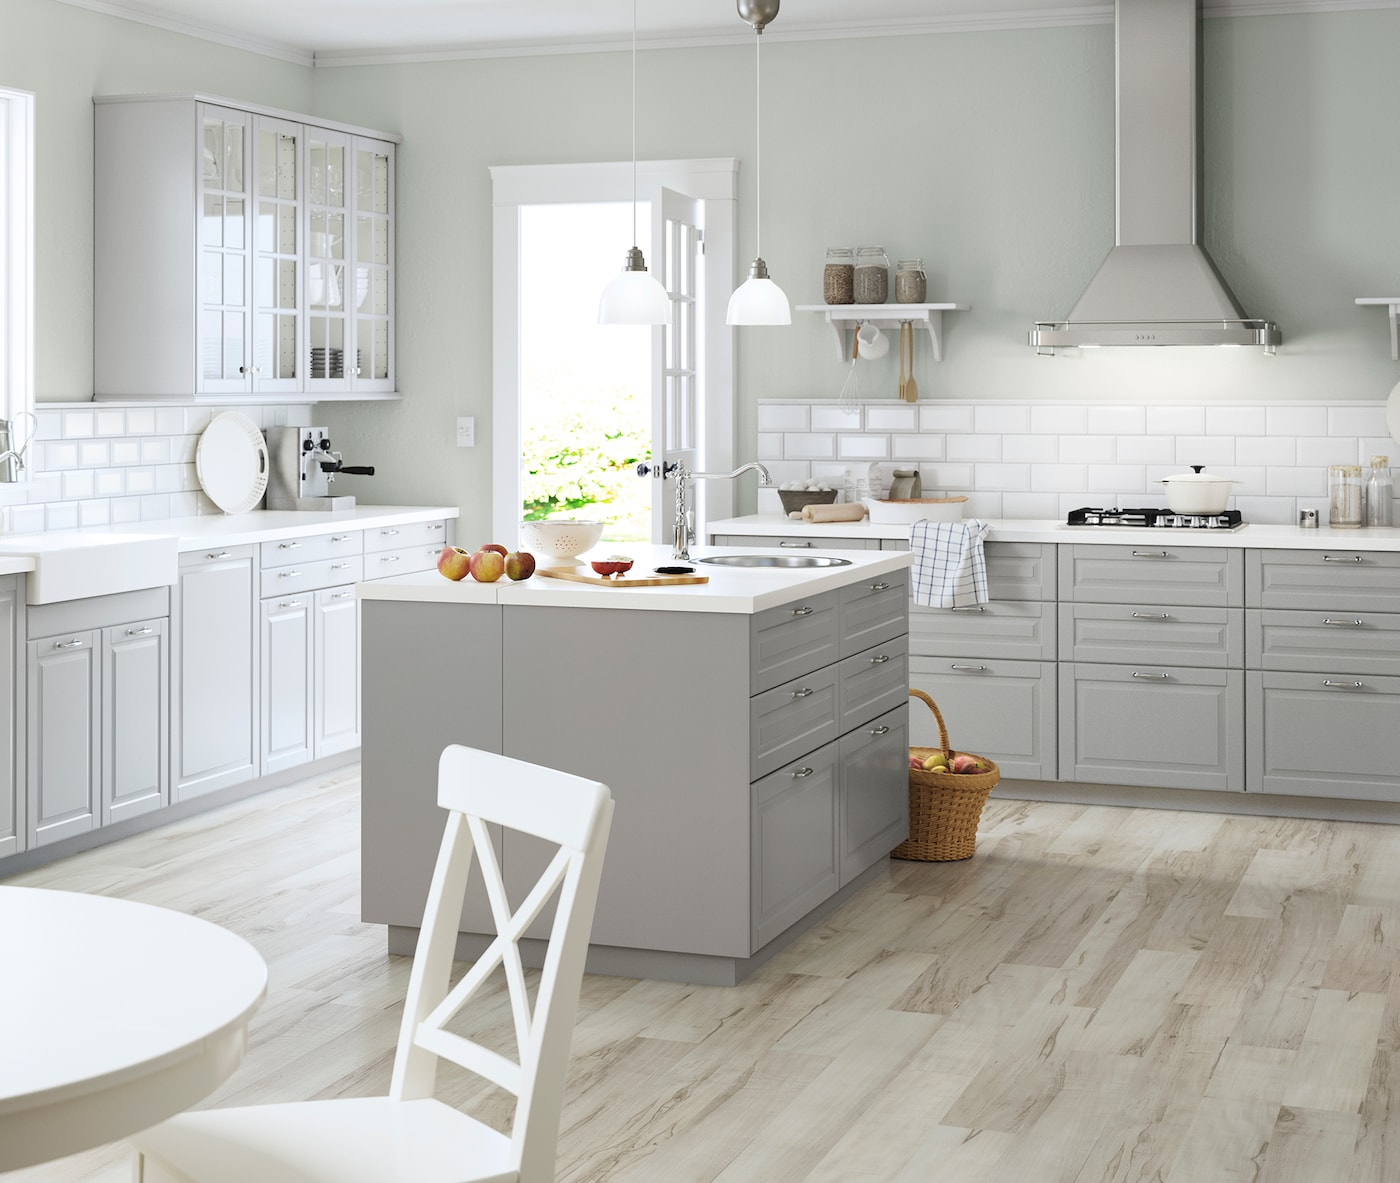 Familienküche Mit Kochinsel.